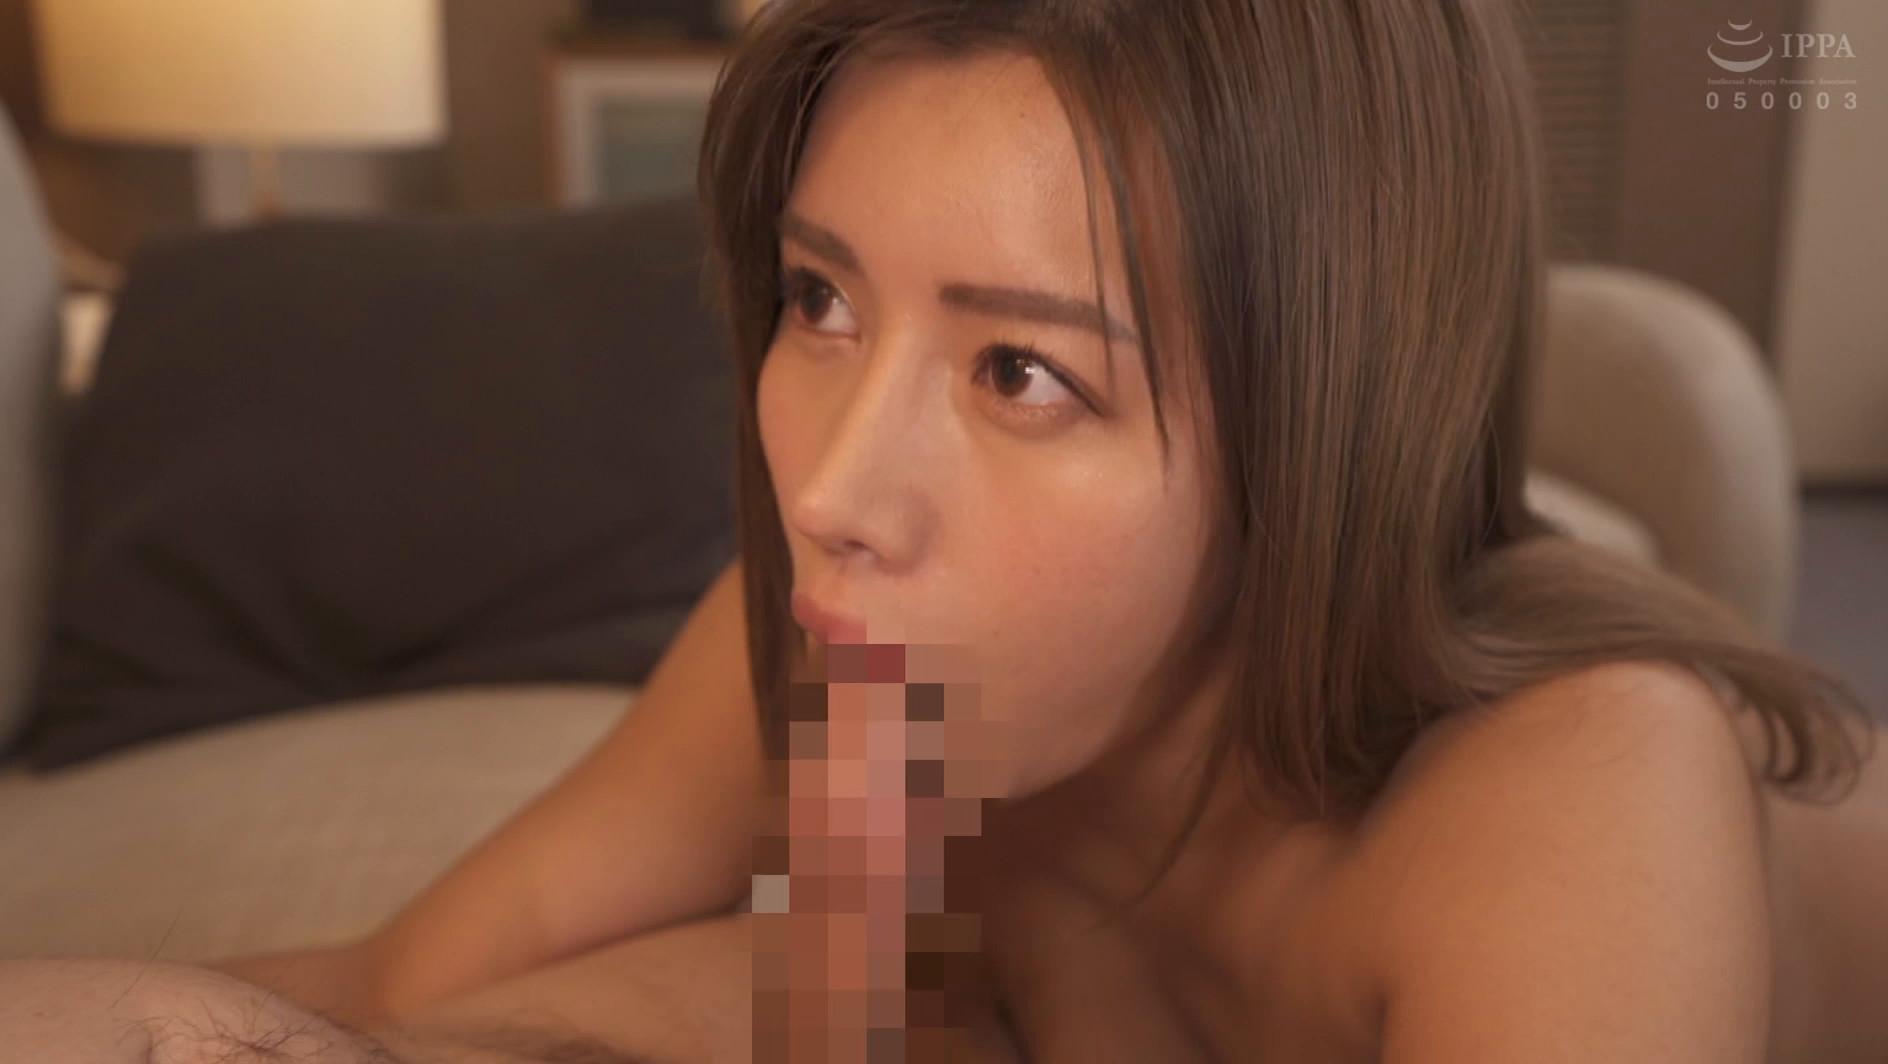 肉感なカラダの巨乳女性上司との宿泊出張。密室ホテルで部下のボクを相手に繰り返すオンナ主導のセックスが一晩中終わらない。 永井マリア 凛音とうか,のサンプル画像18